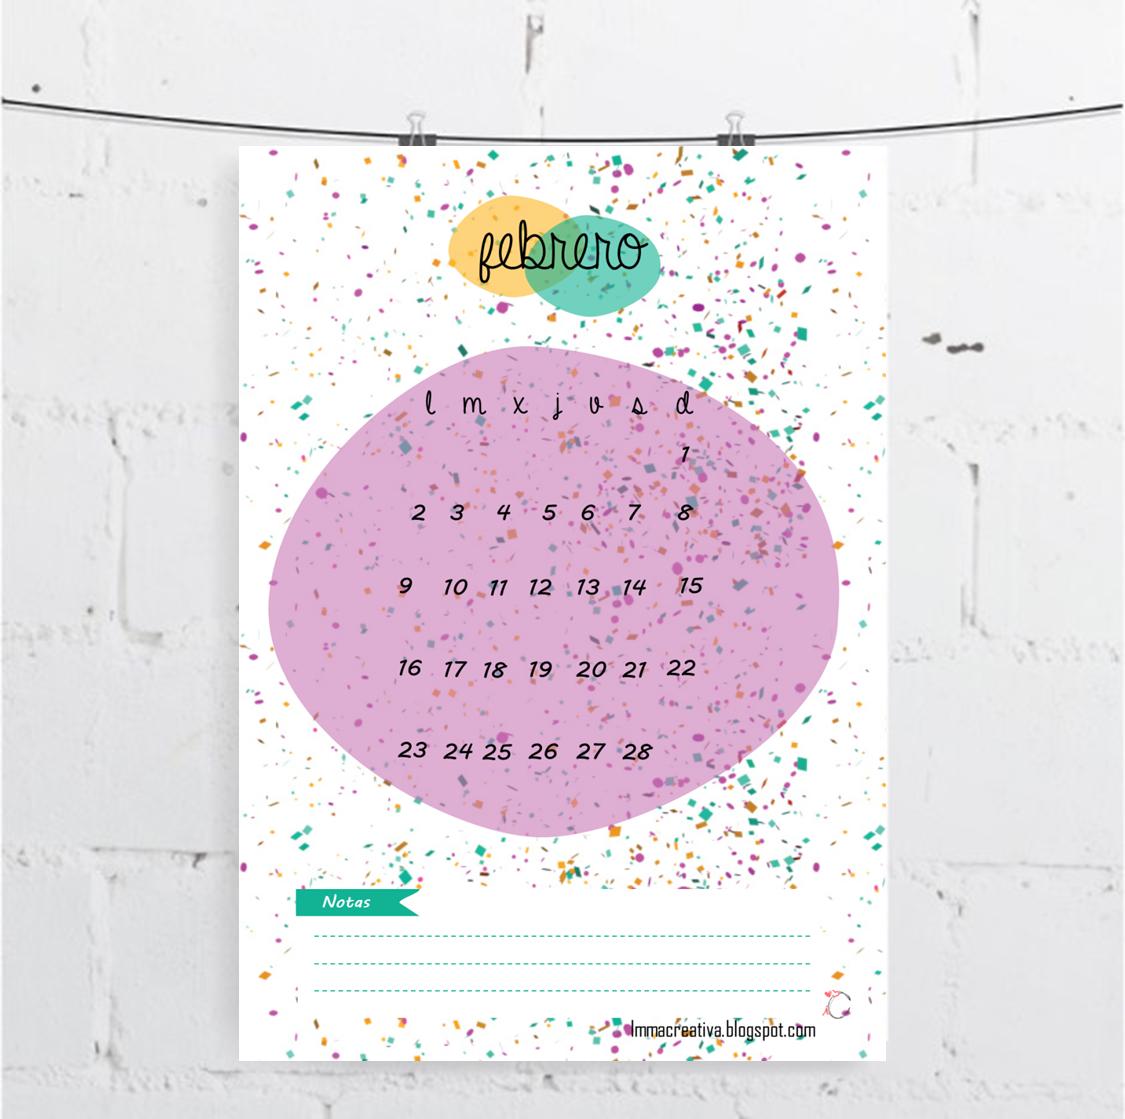 Calendario-Febrero-ImmaCreativa